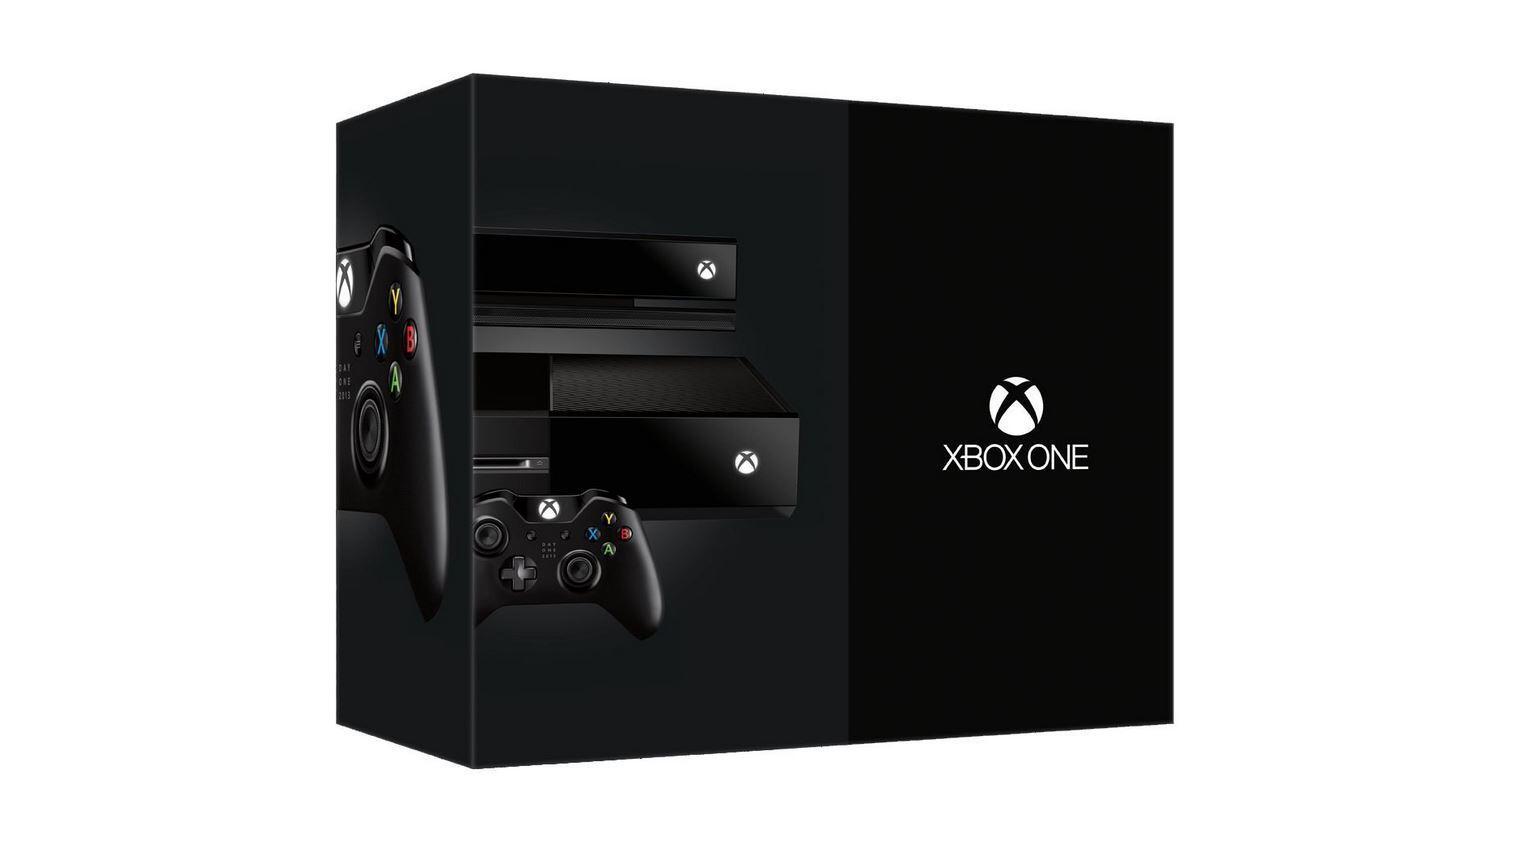 demo microsoft one Spiele Video xbox